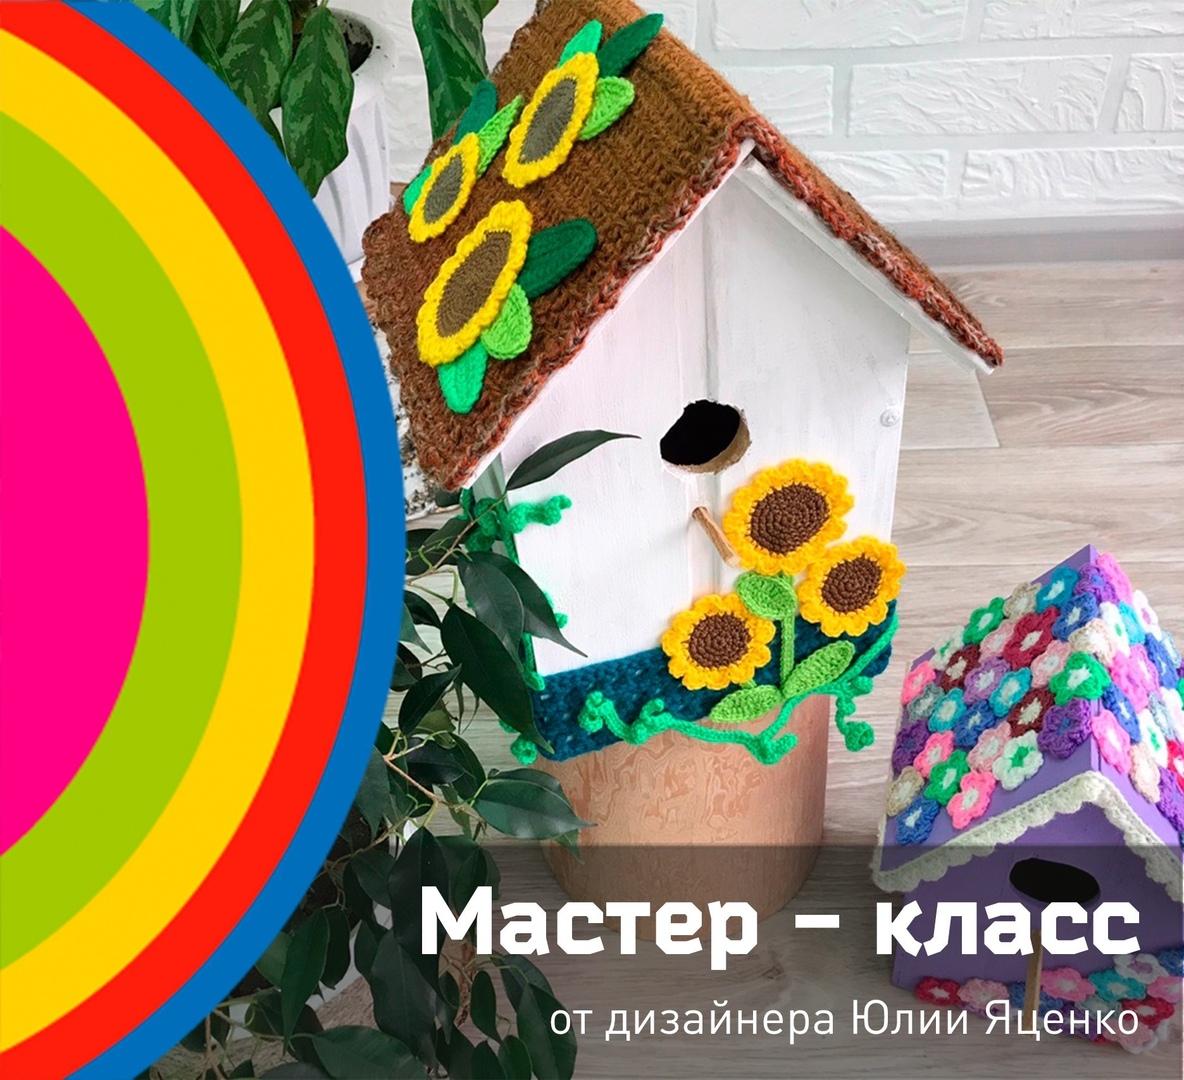 МАСТЕР – КЛАСС от дизайнера Юлии Яценко